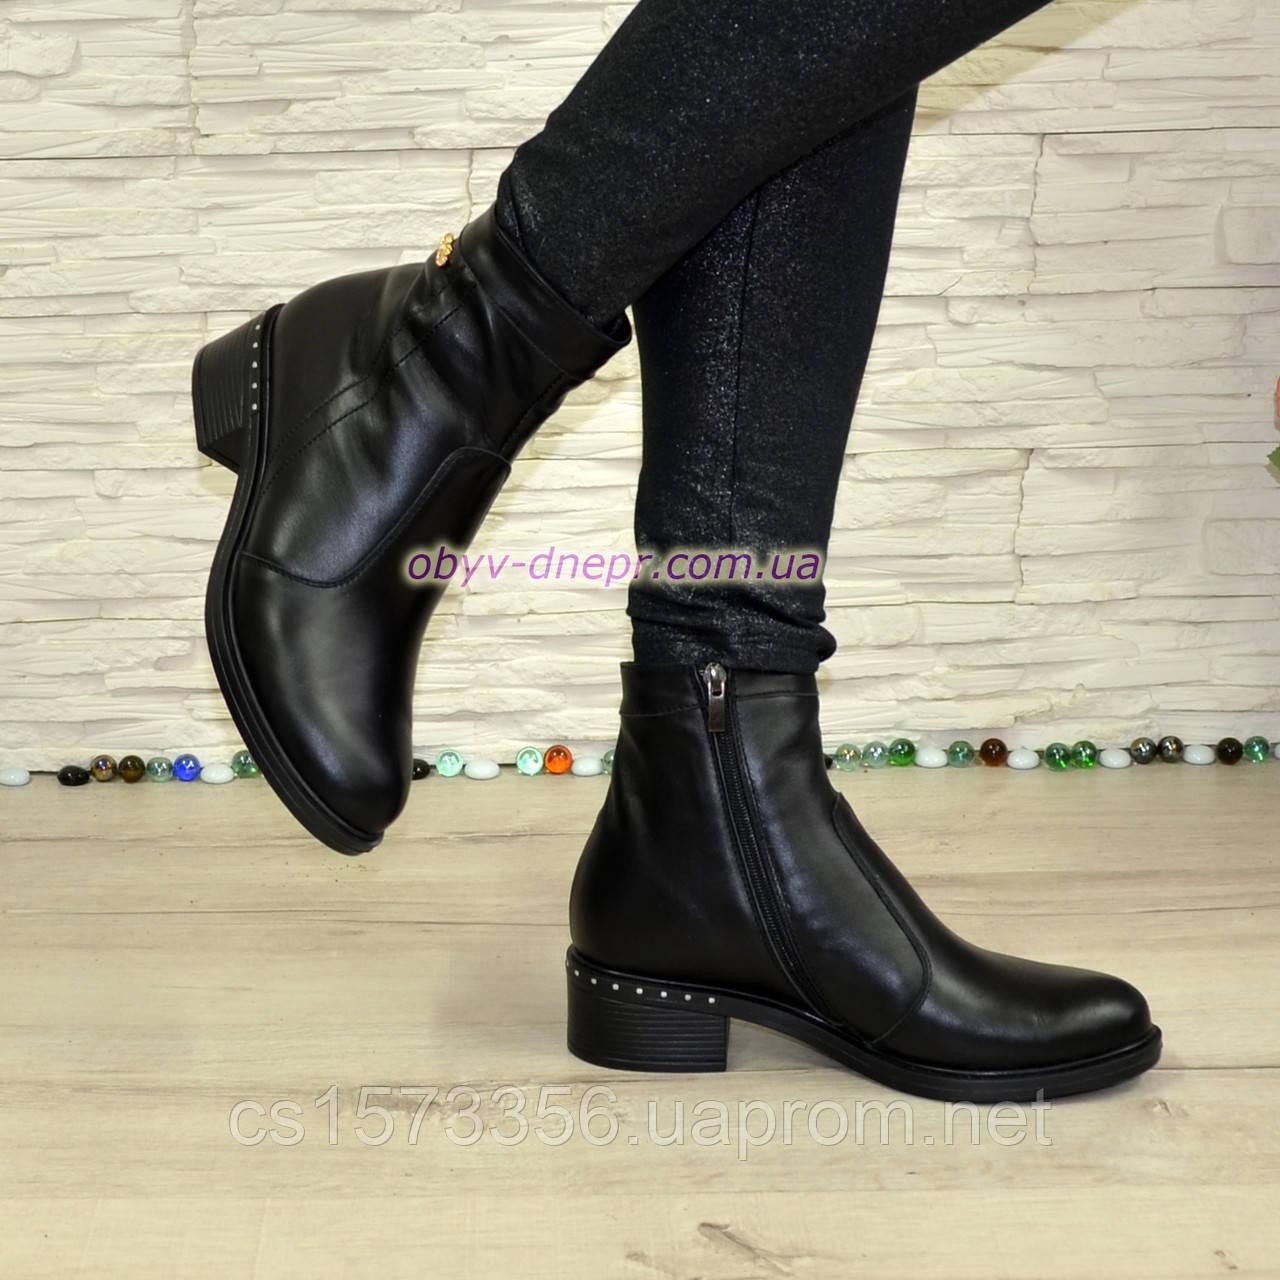 Ботинки кожаные демисезонные на невысоком каблуке, цвет черный